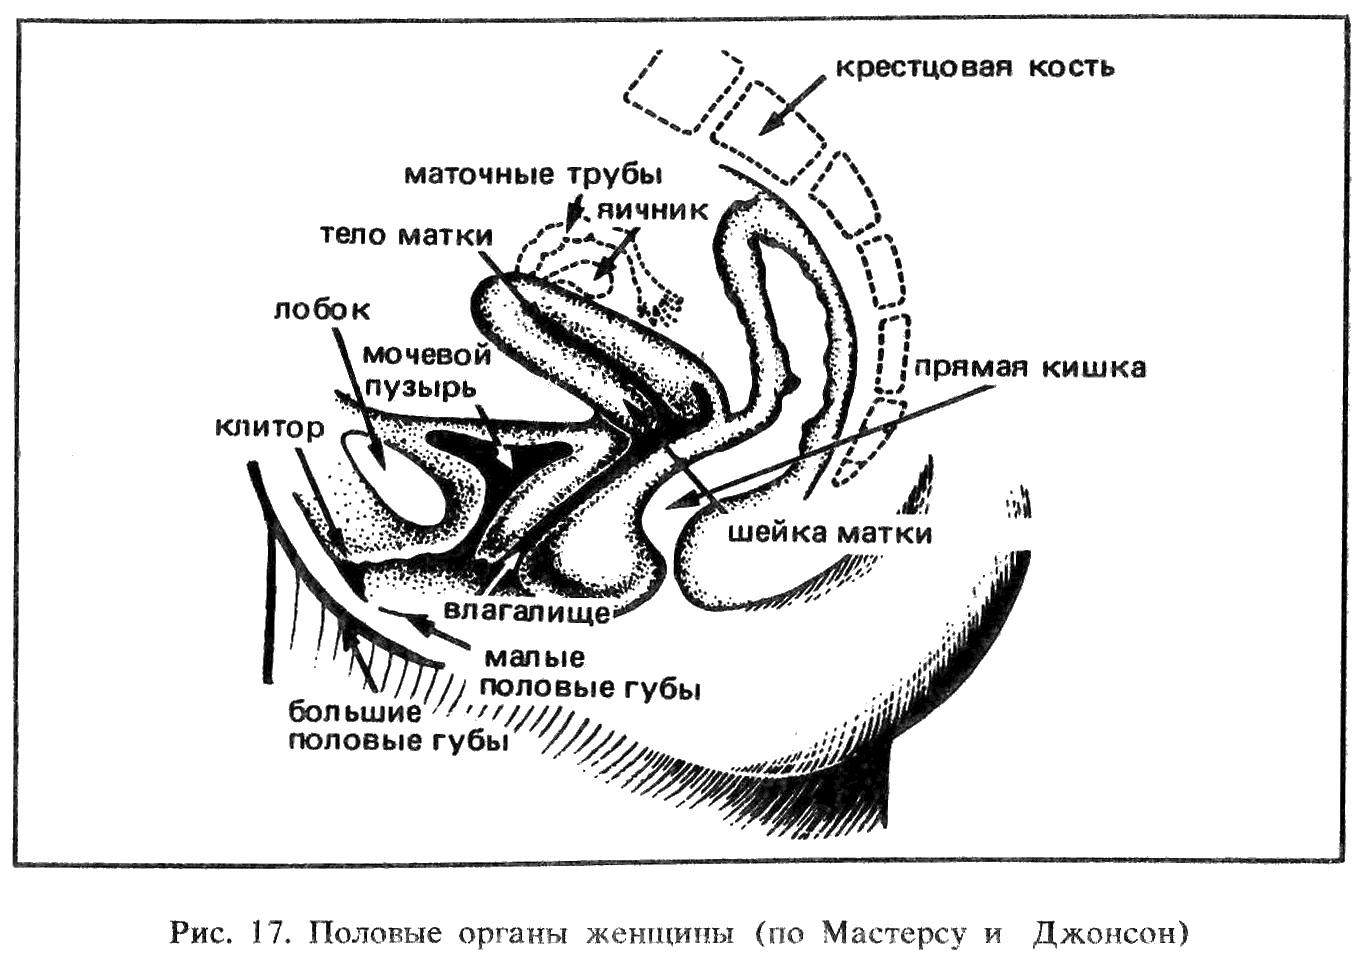 Схема фрикций в вагине 15 фотография